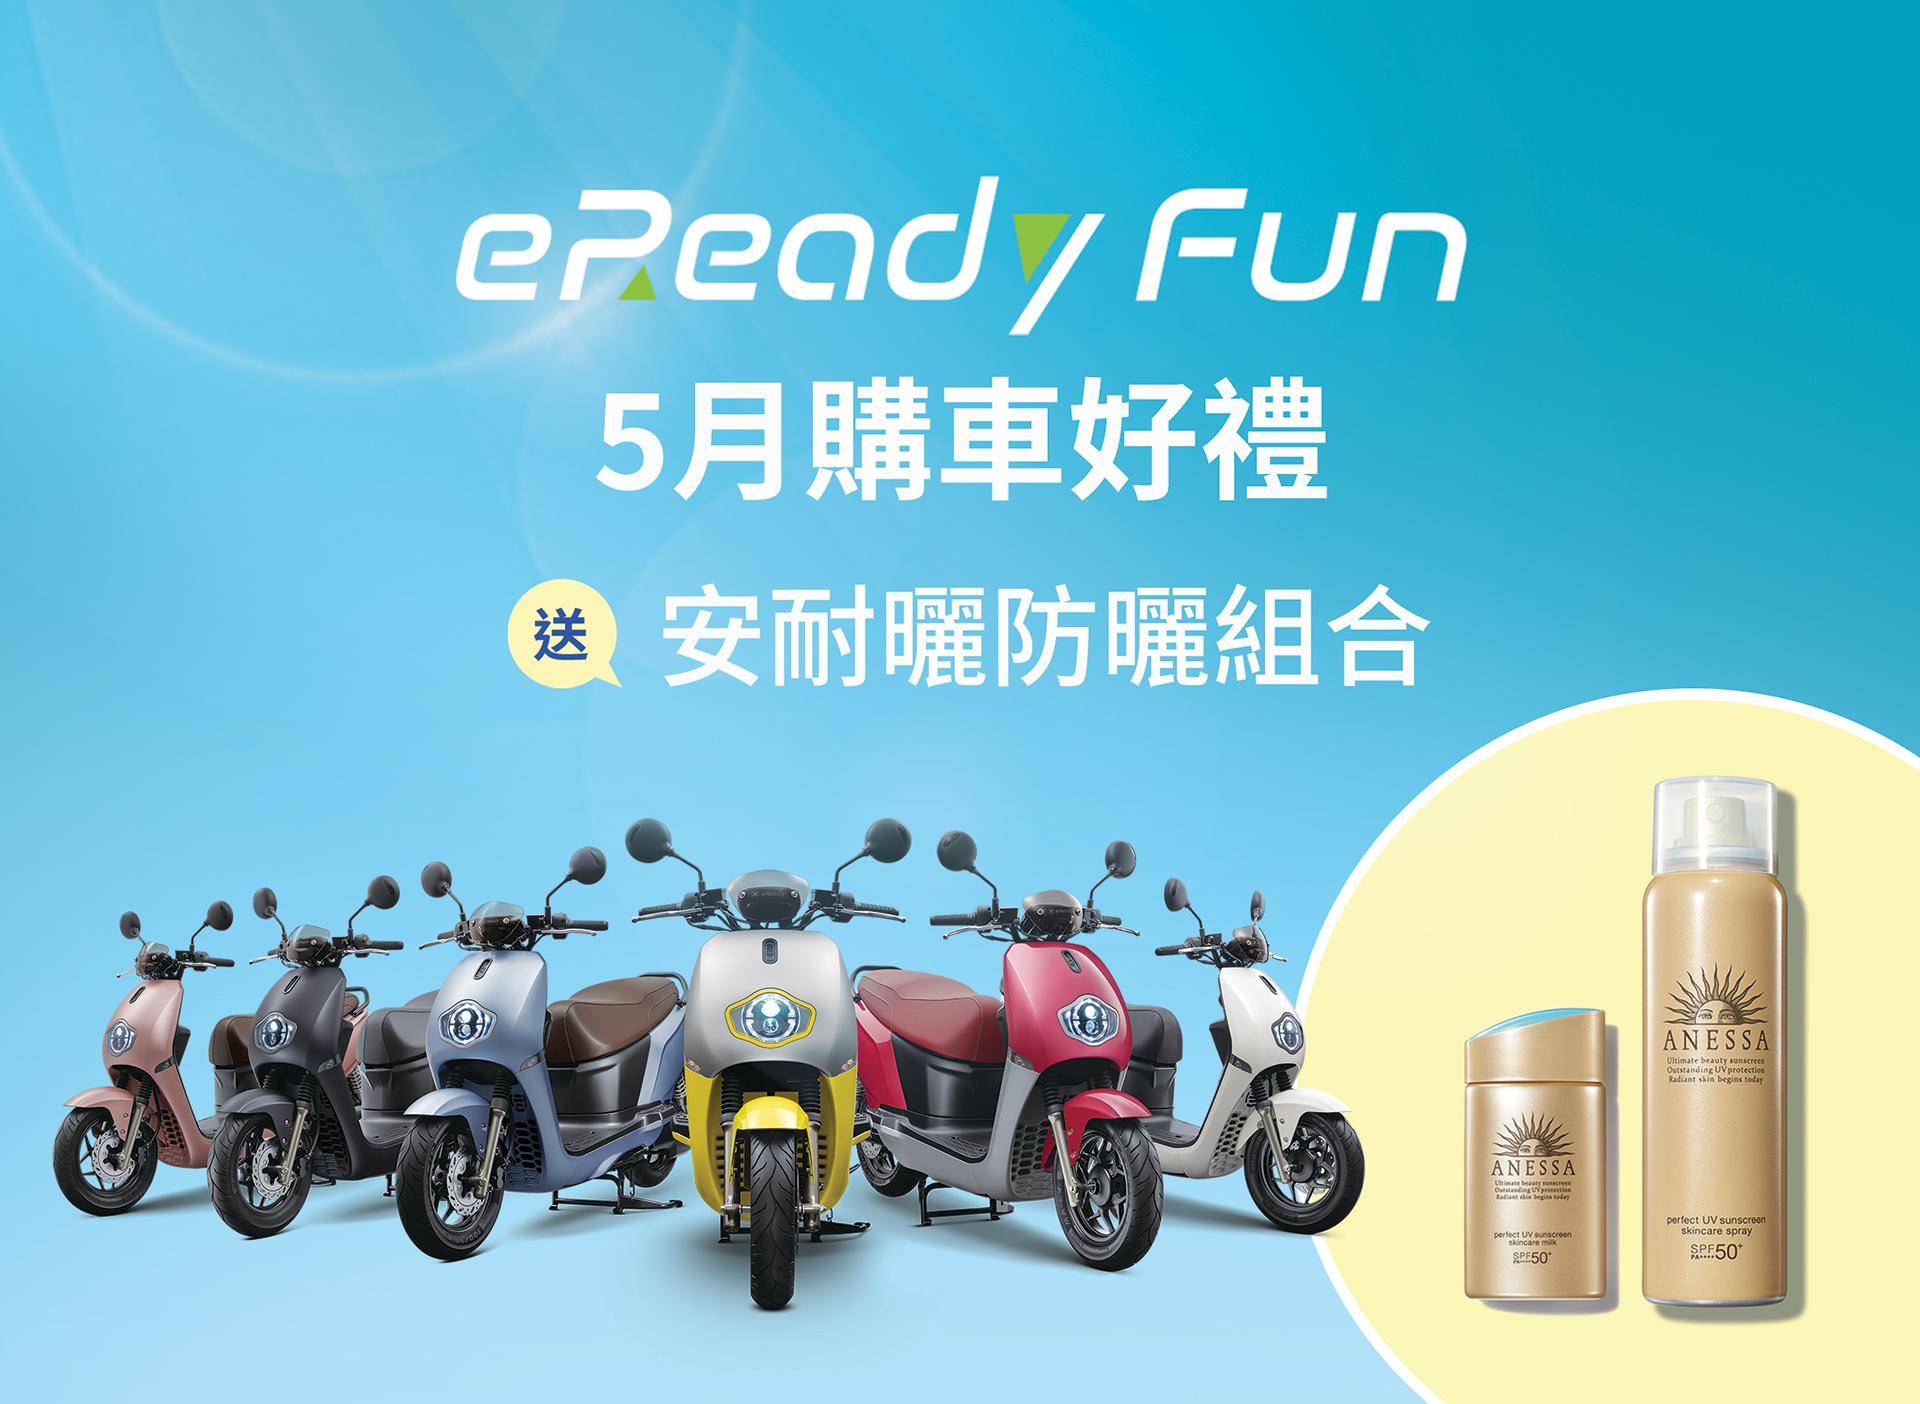 eReady Fun攜手安耐曬做你的夏季玩樂夥伴,購車享原優惠方案再送安耐曬防曬組.jpg